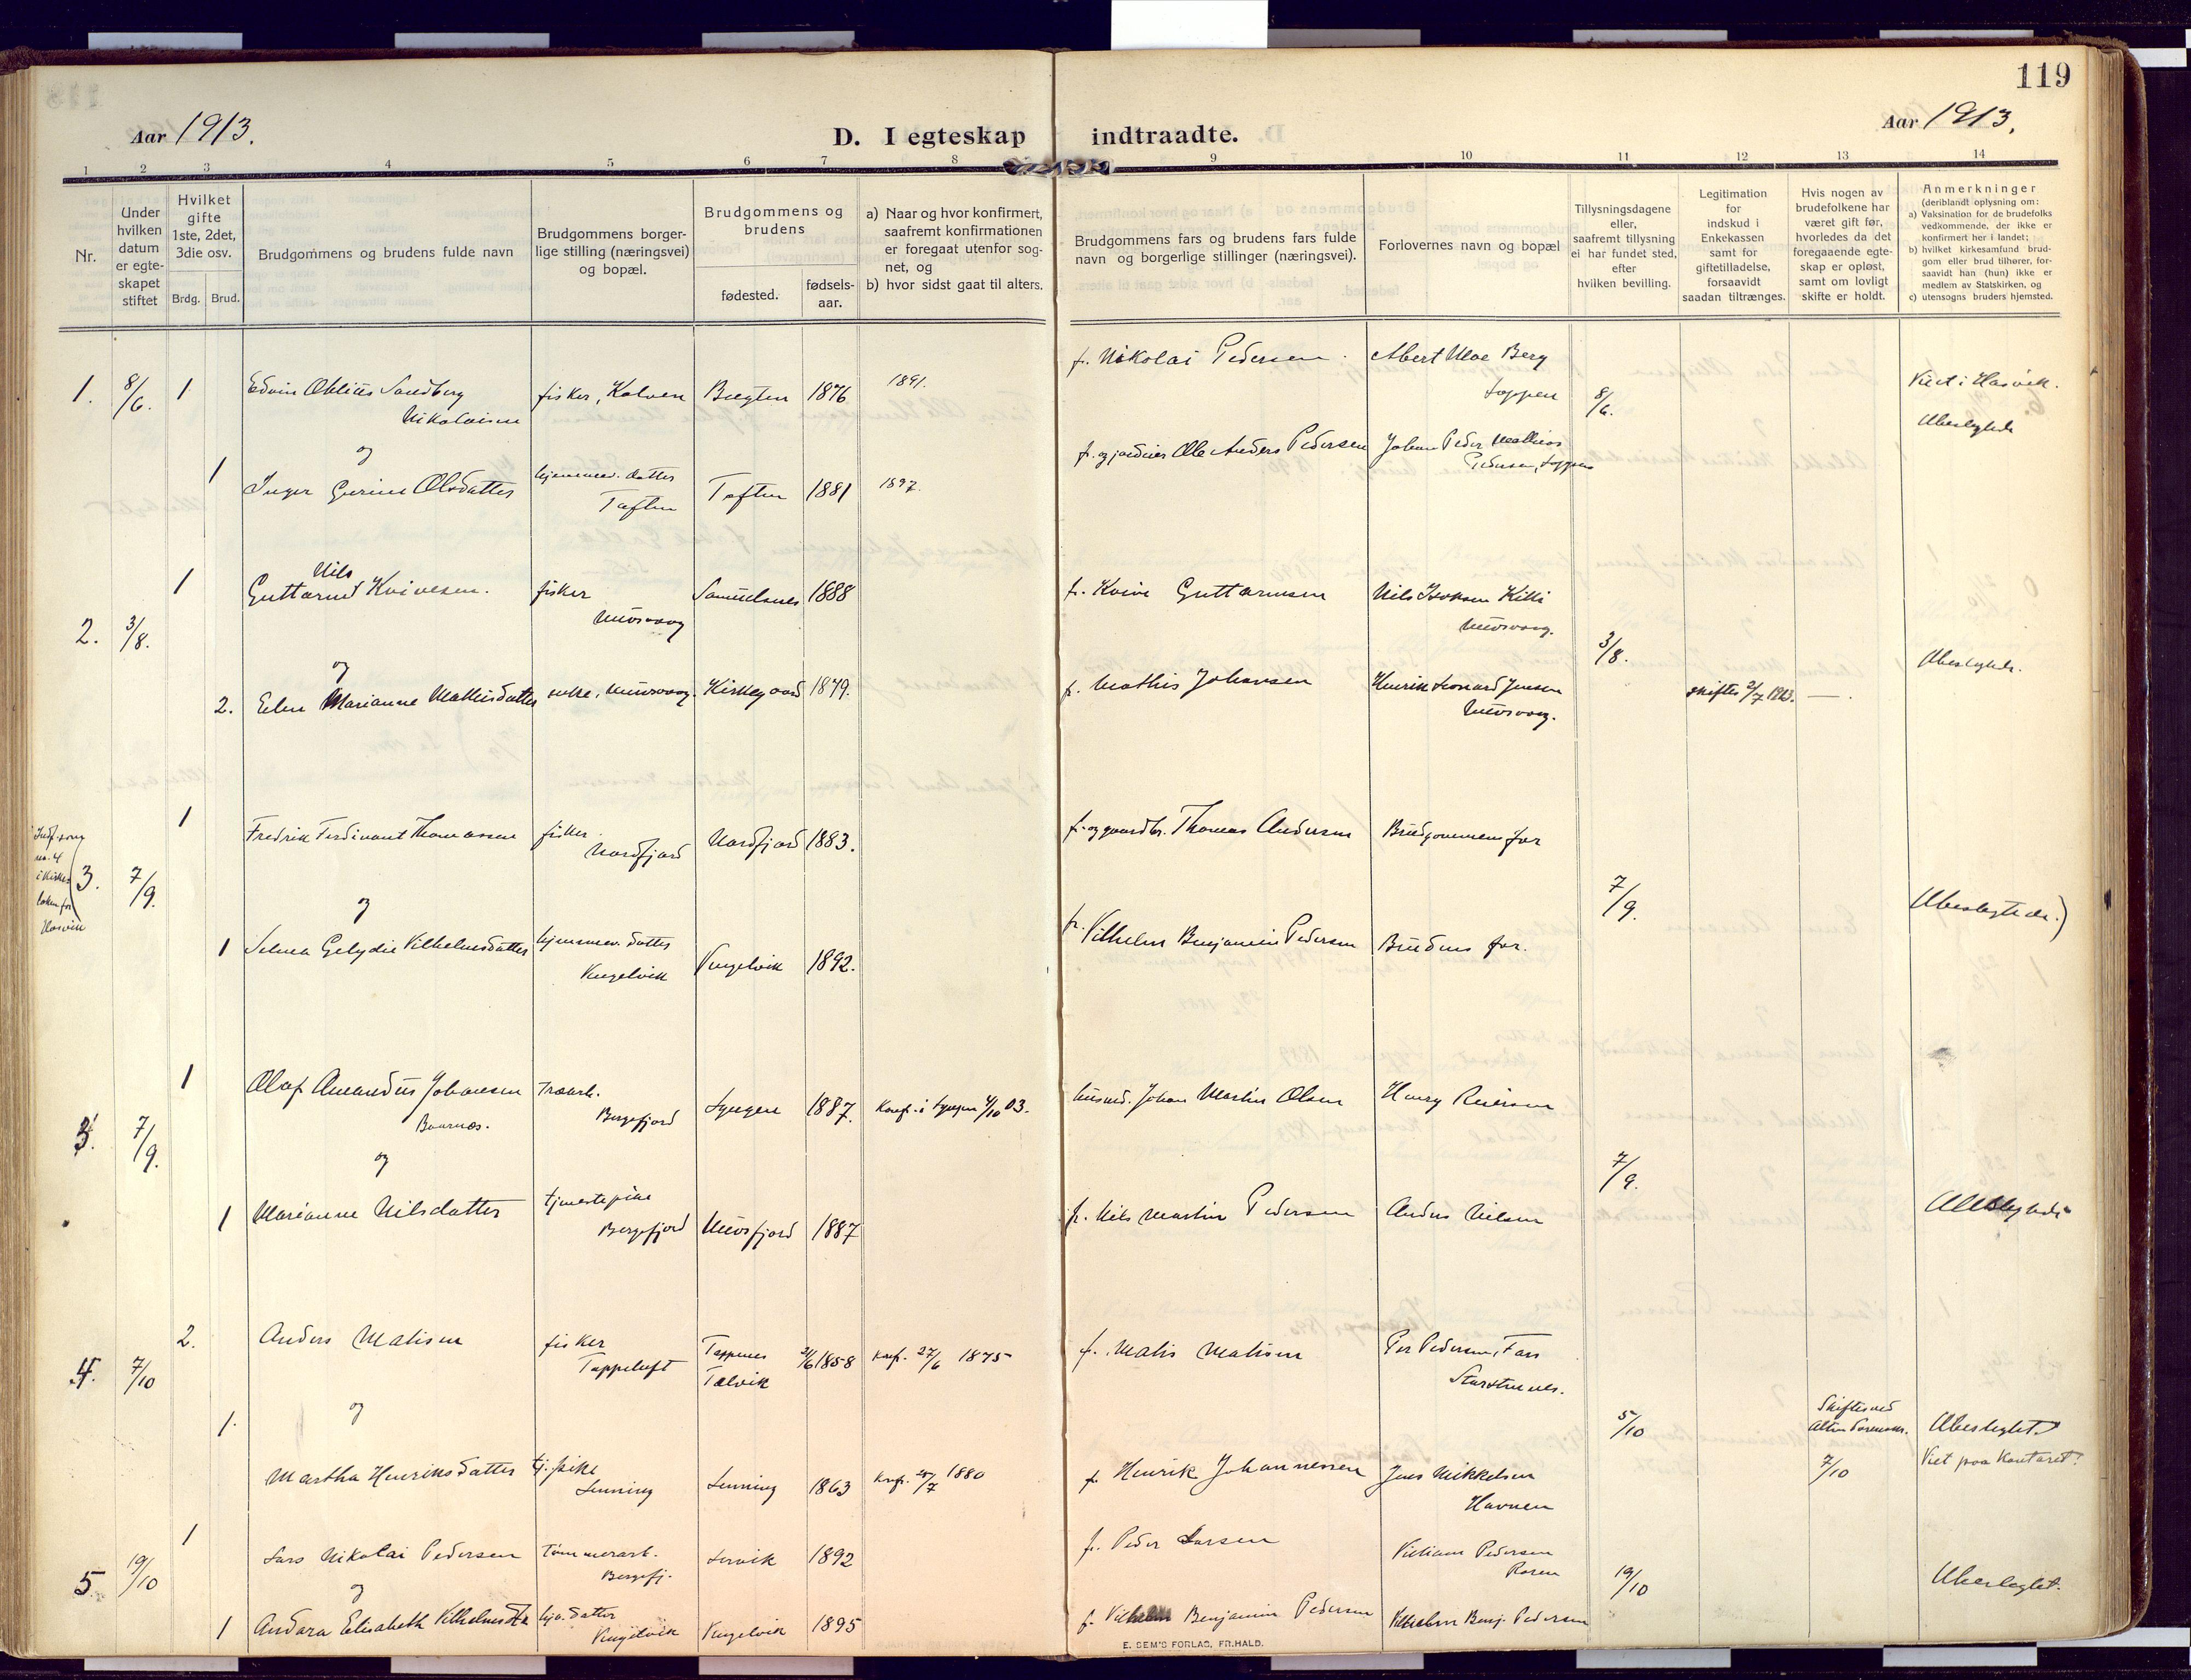 SATØ, Loppa sokneprestkontor, H/Ha/L0011kirke: Ministerialbok nr. 11, 1909-1919, s. 119